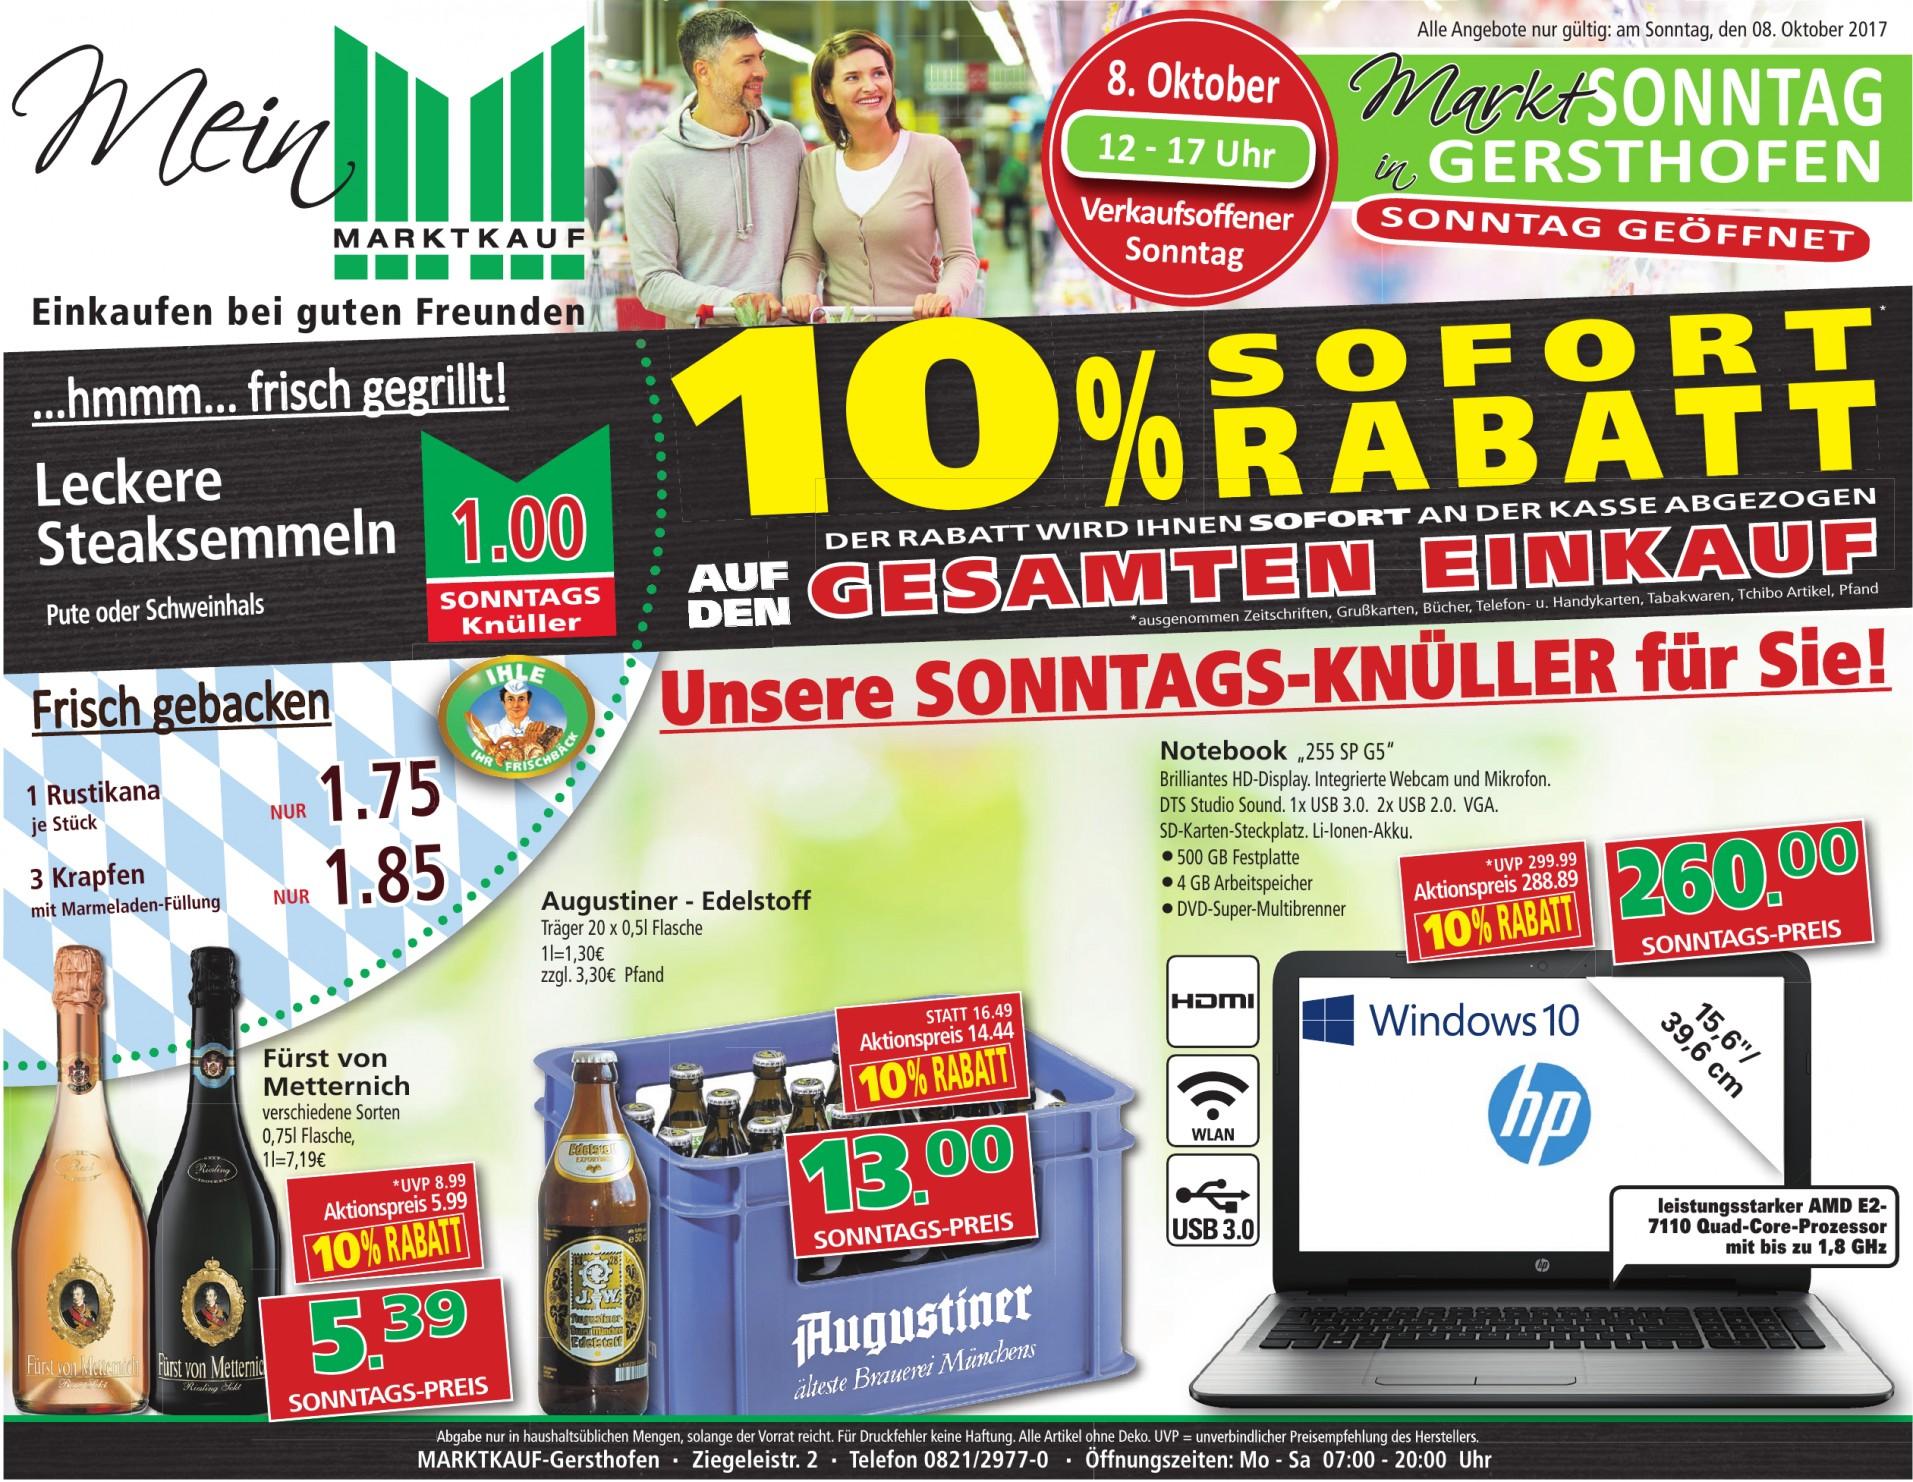 Marktkauf-Gersthofen